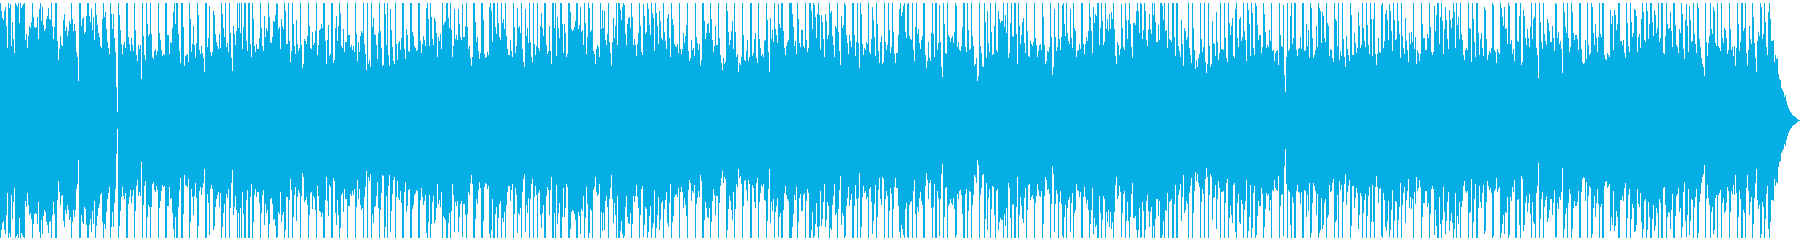 元気が出る明るいポップ・ロックの再生済みの波形